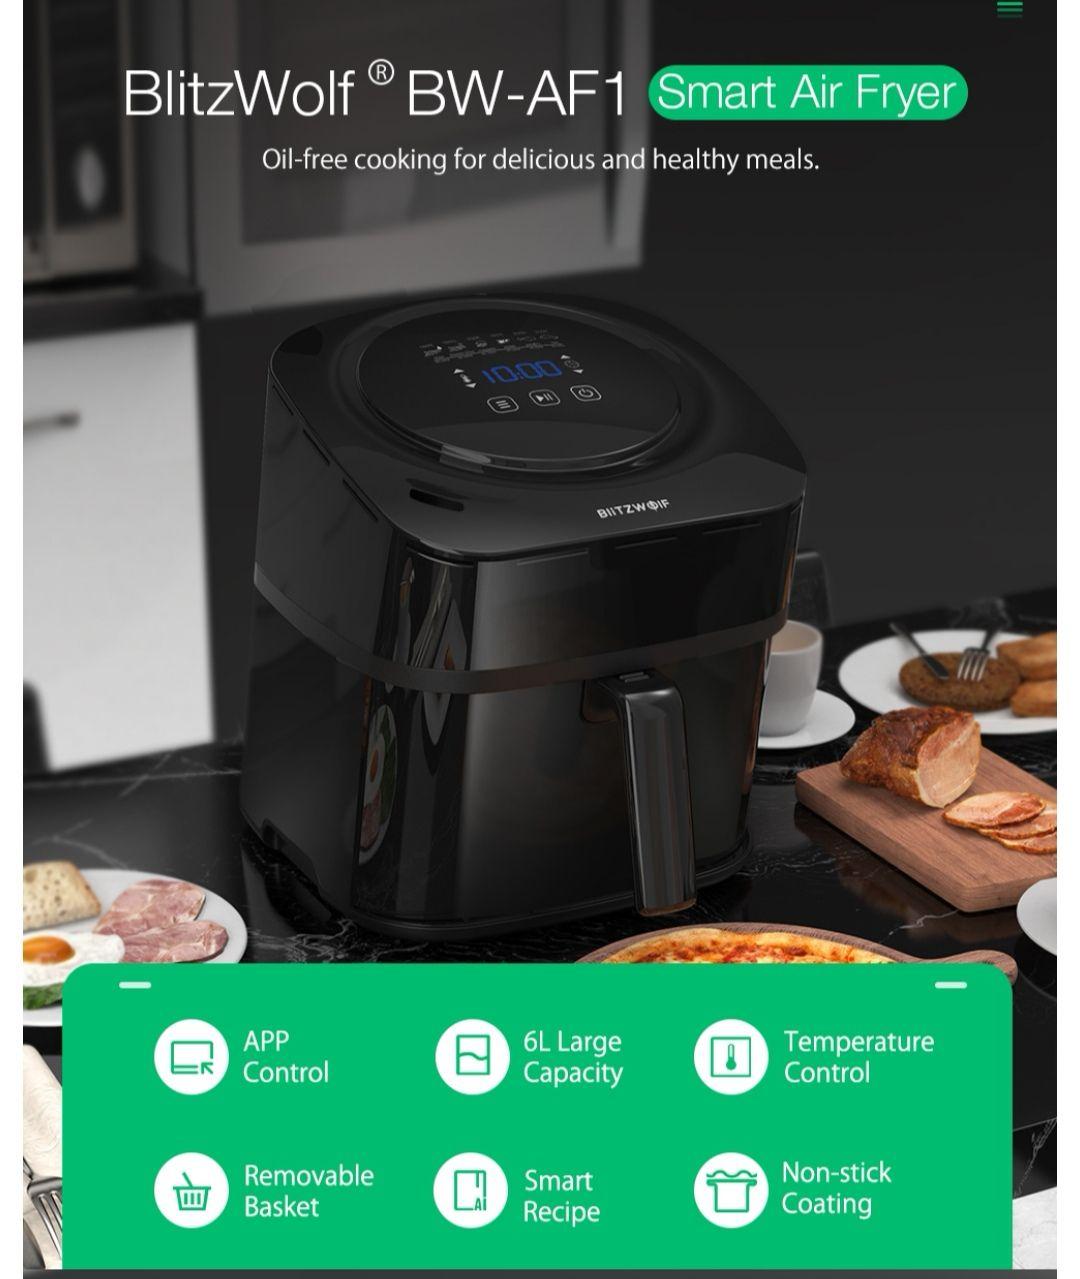 BlitzWolf®BW-AF1 Smart Air Fryer with APP Control 6L